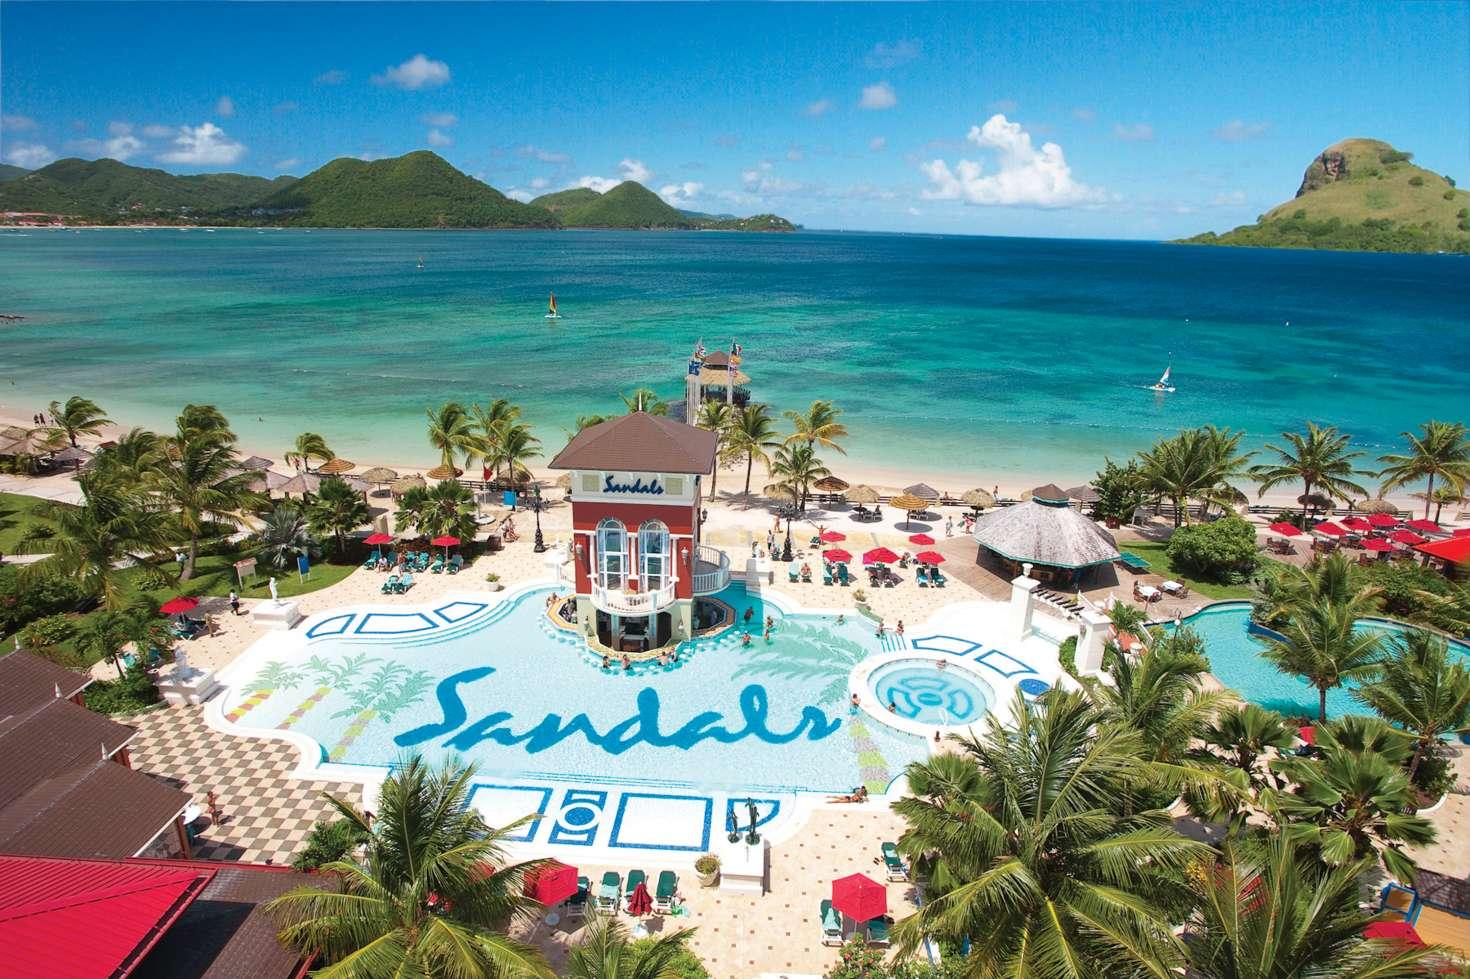 54846418505b Sandals Grande St. Lucian Spa   Beach Resort